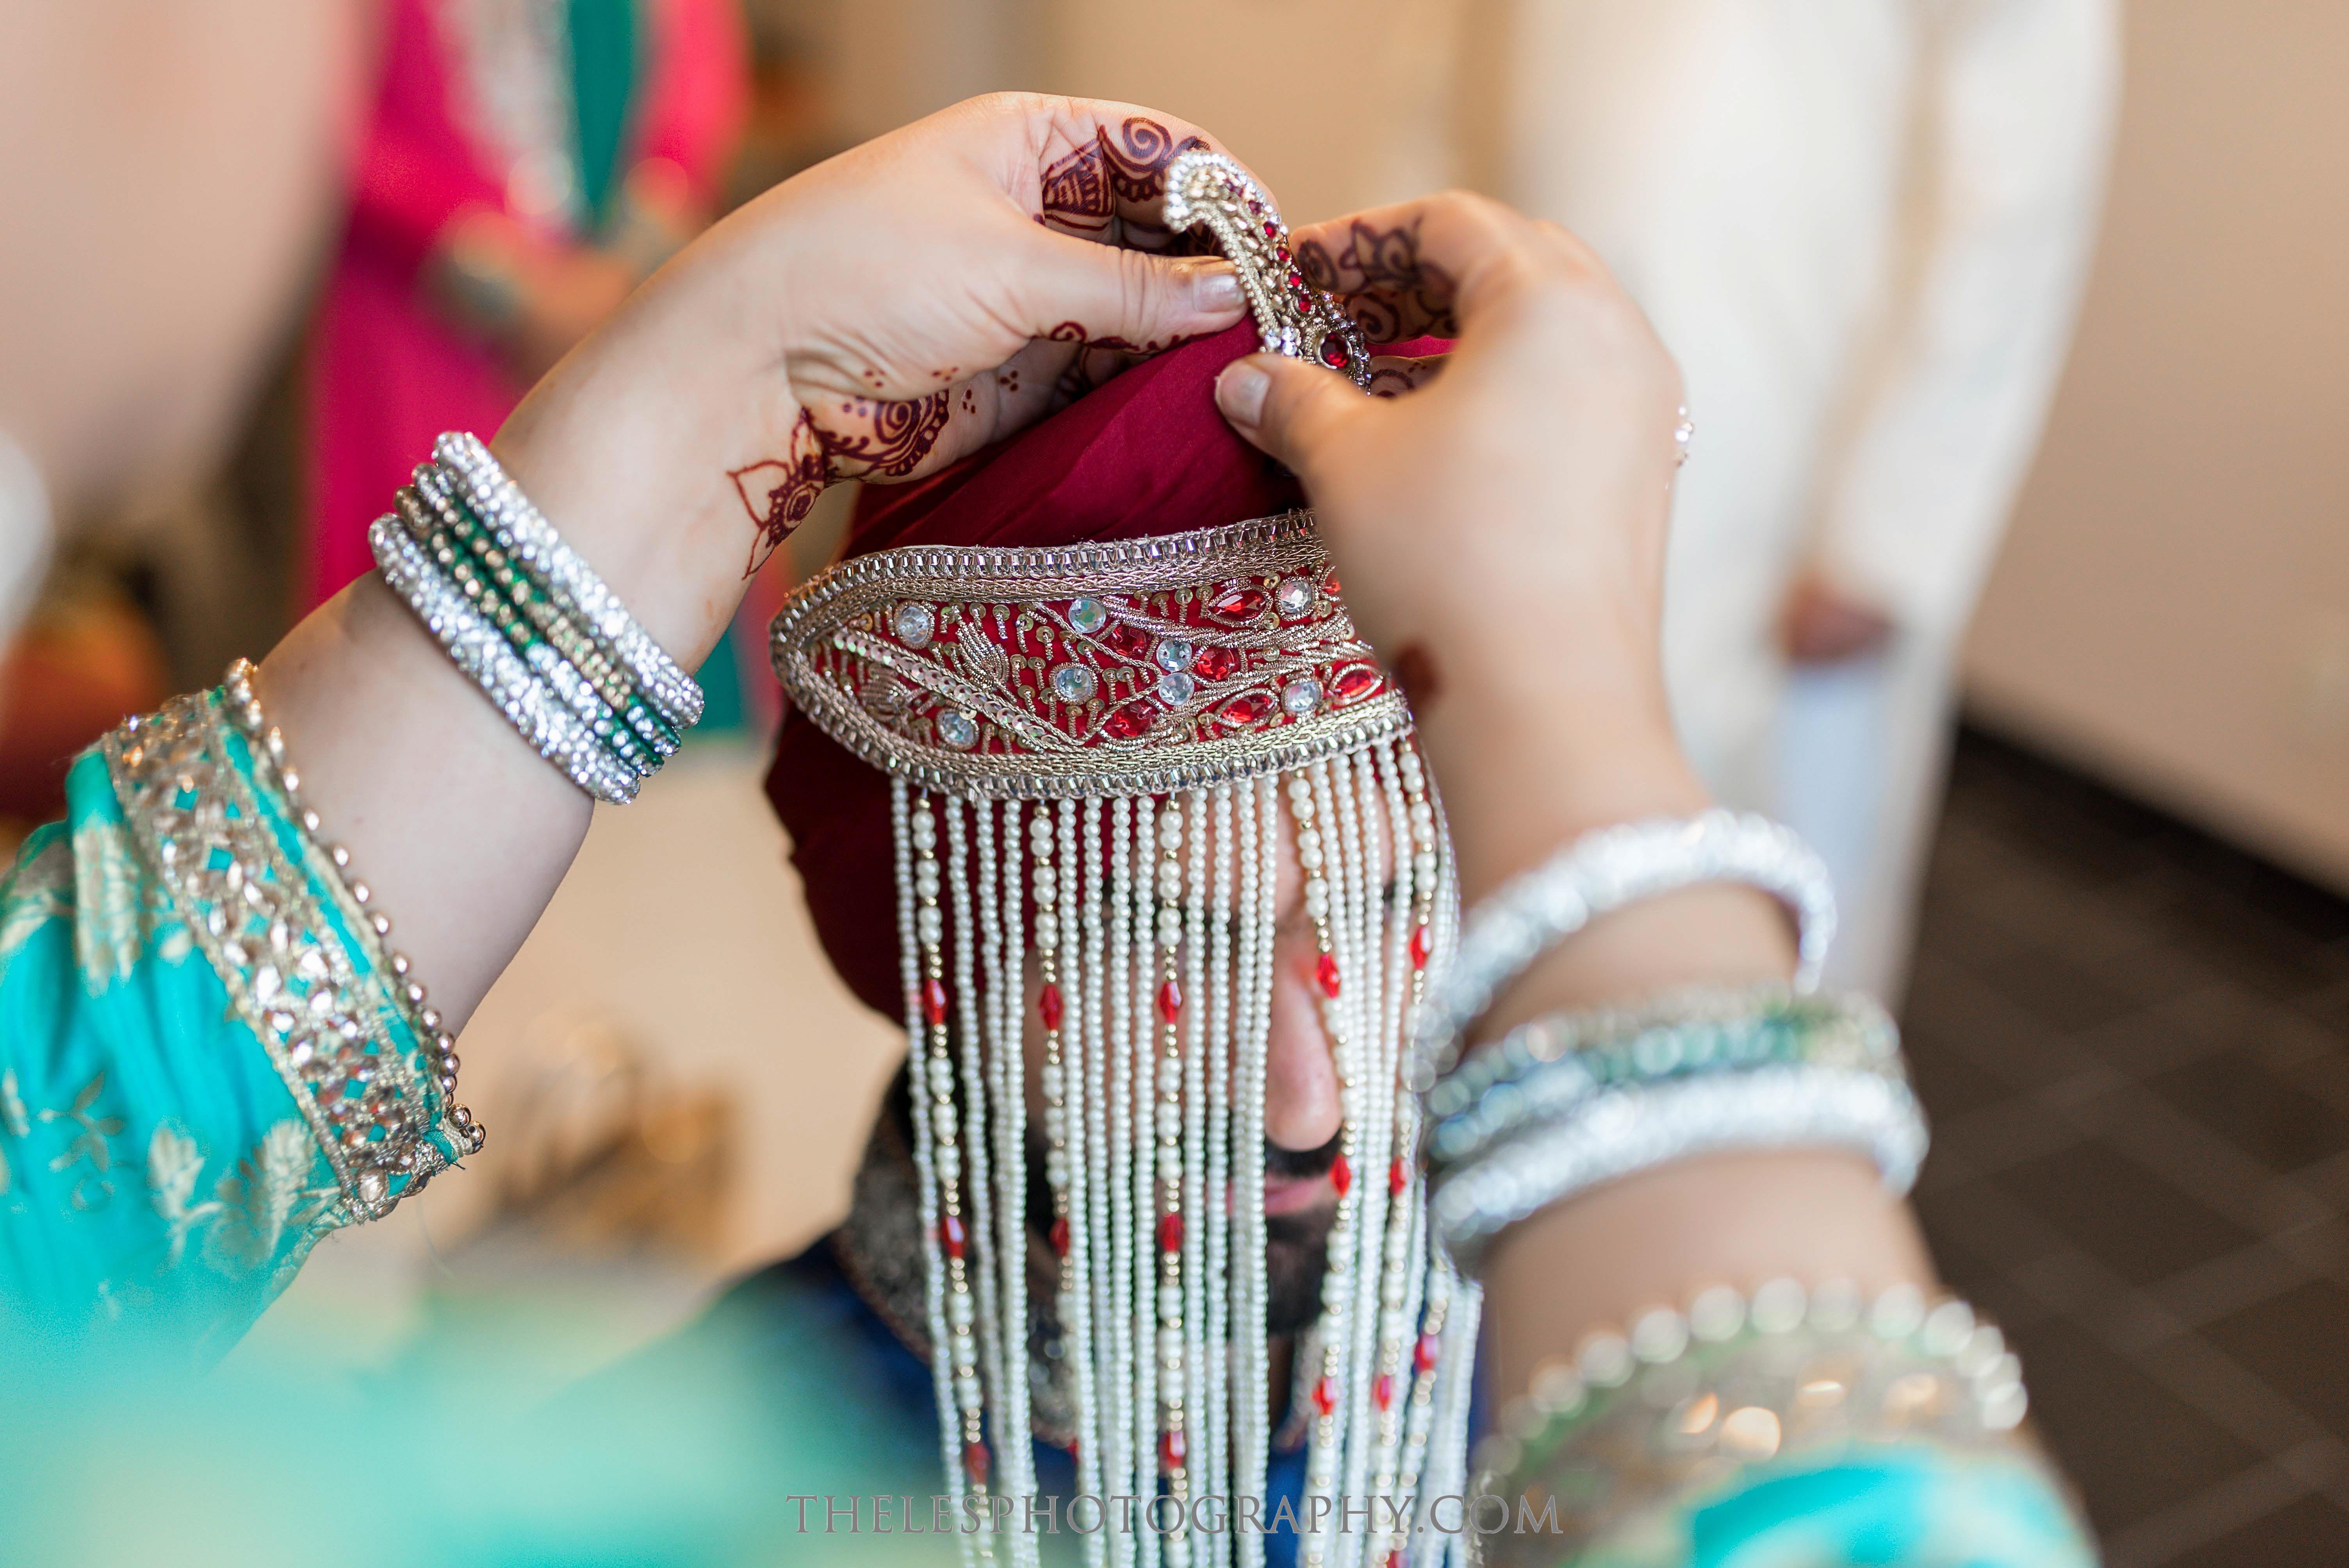 The Les Photography - Punjabi Wedding - Sikh Indian Wedding - Dallas Wedding Photographer 21